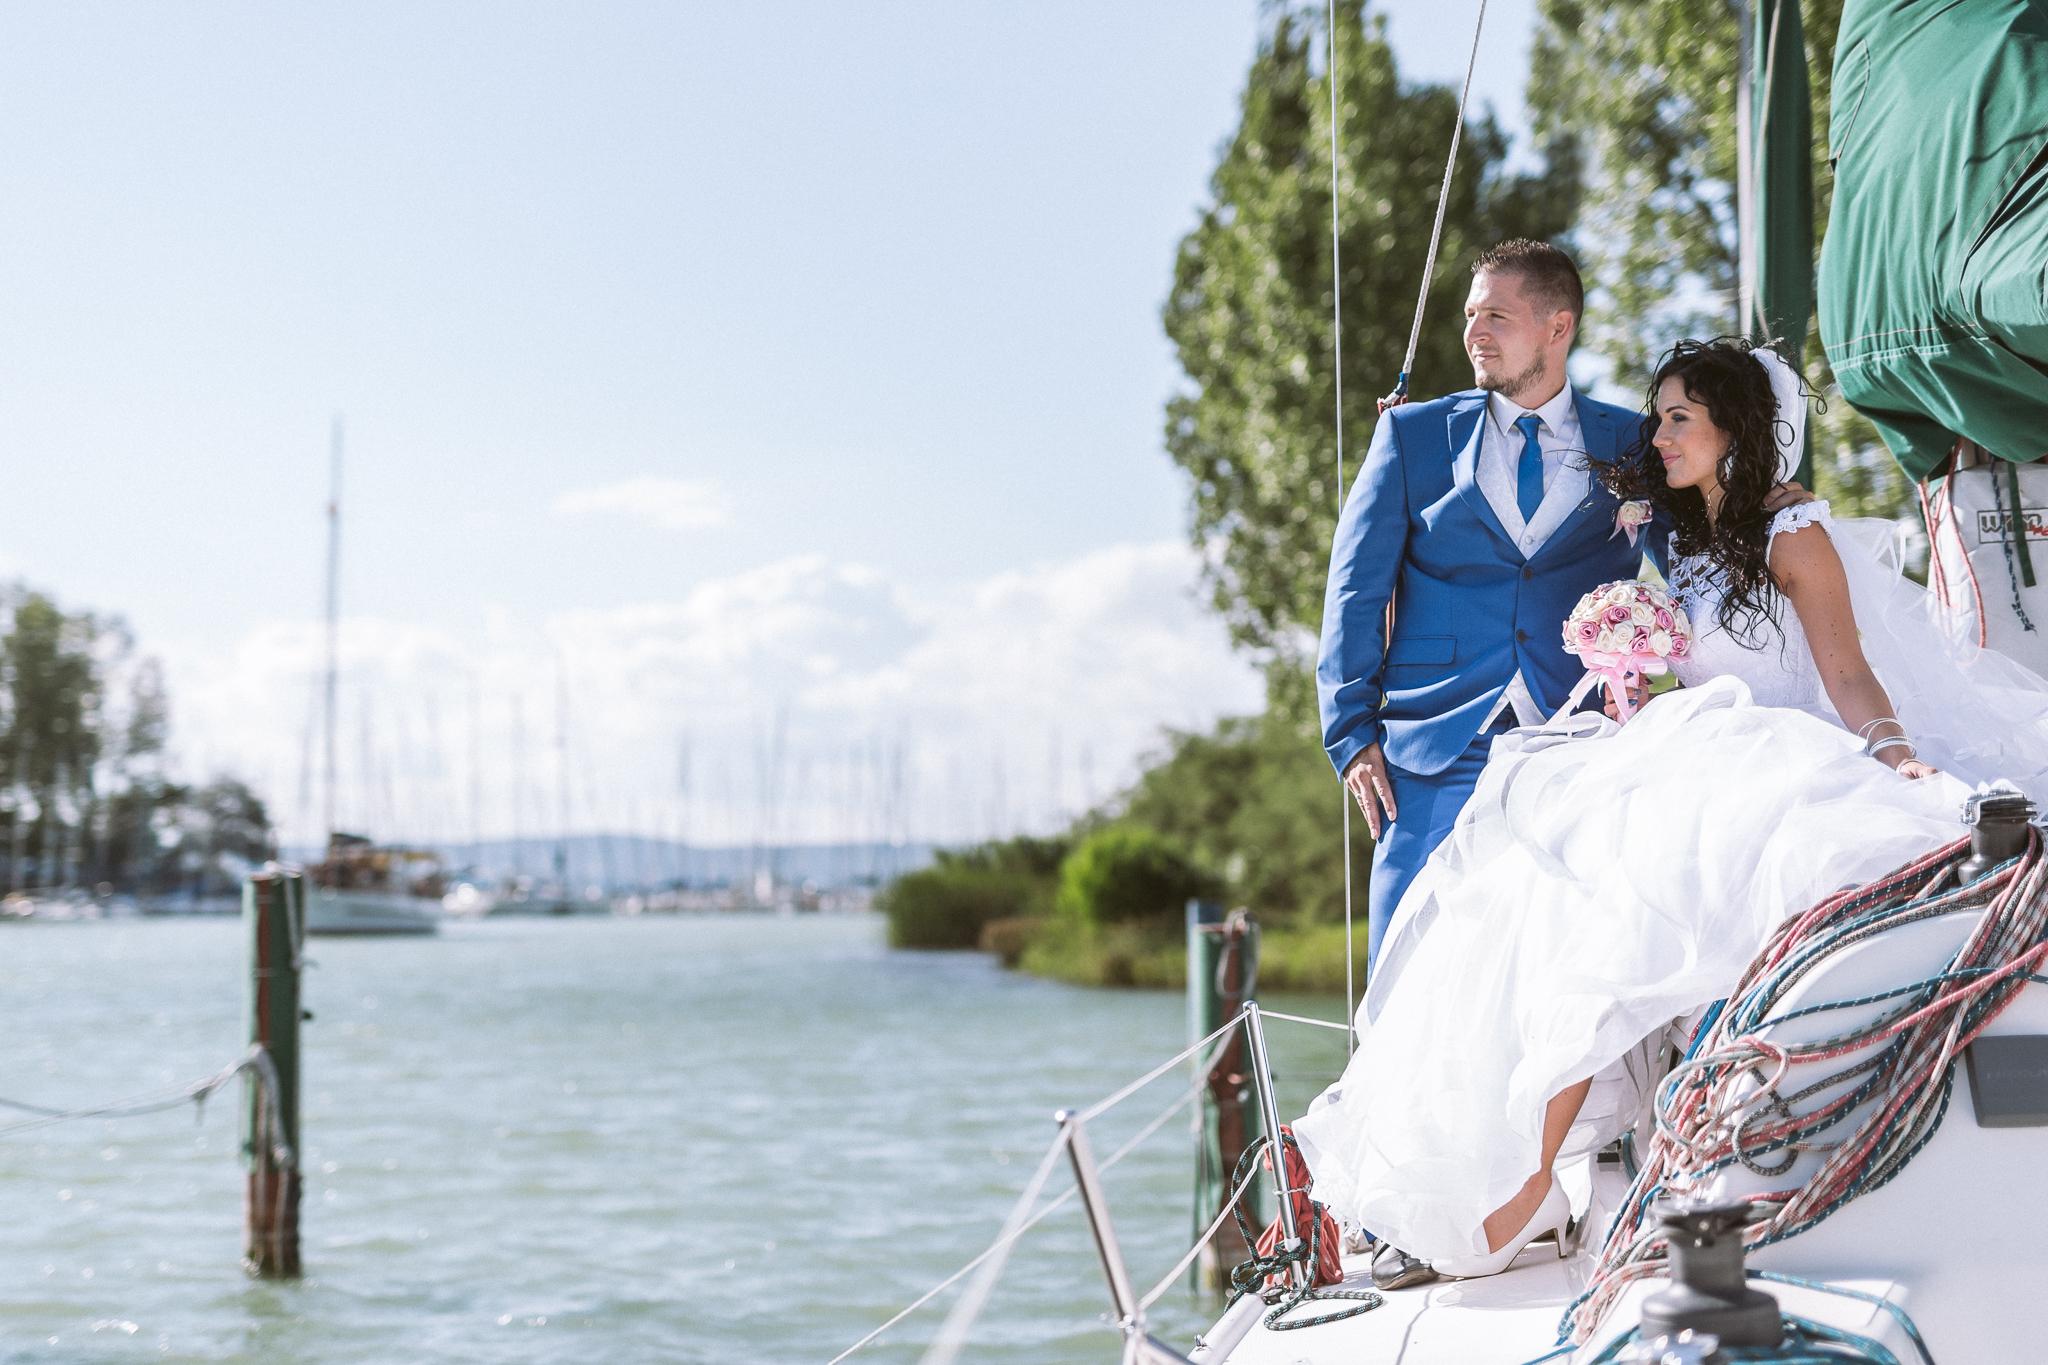 FylepPhoto, esküvőfotózás, magyarország, esküvői fotós, vasmegye, prémium, jegyesfotózás, Fülöp Péter, körmend, kreatív 15.jpg